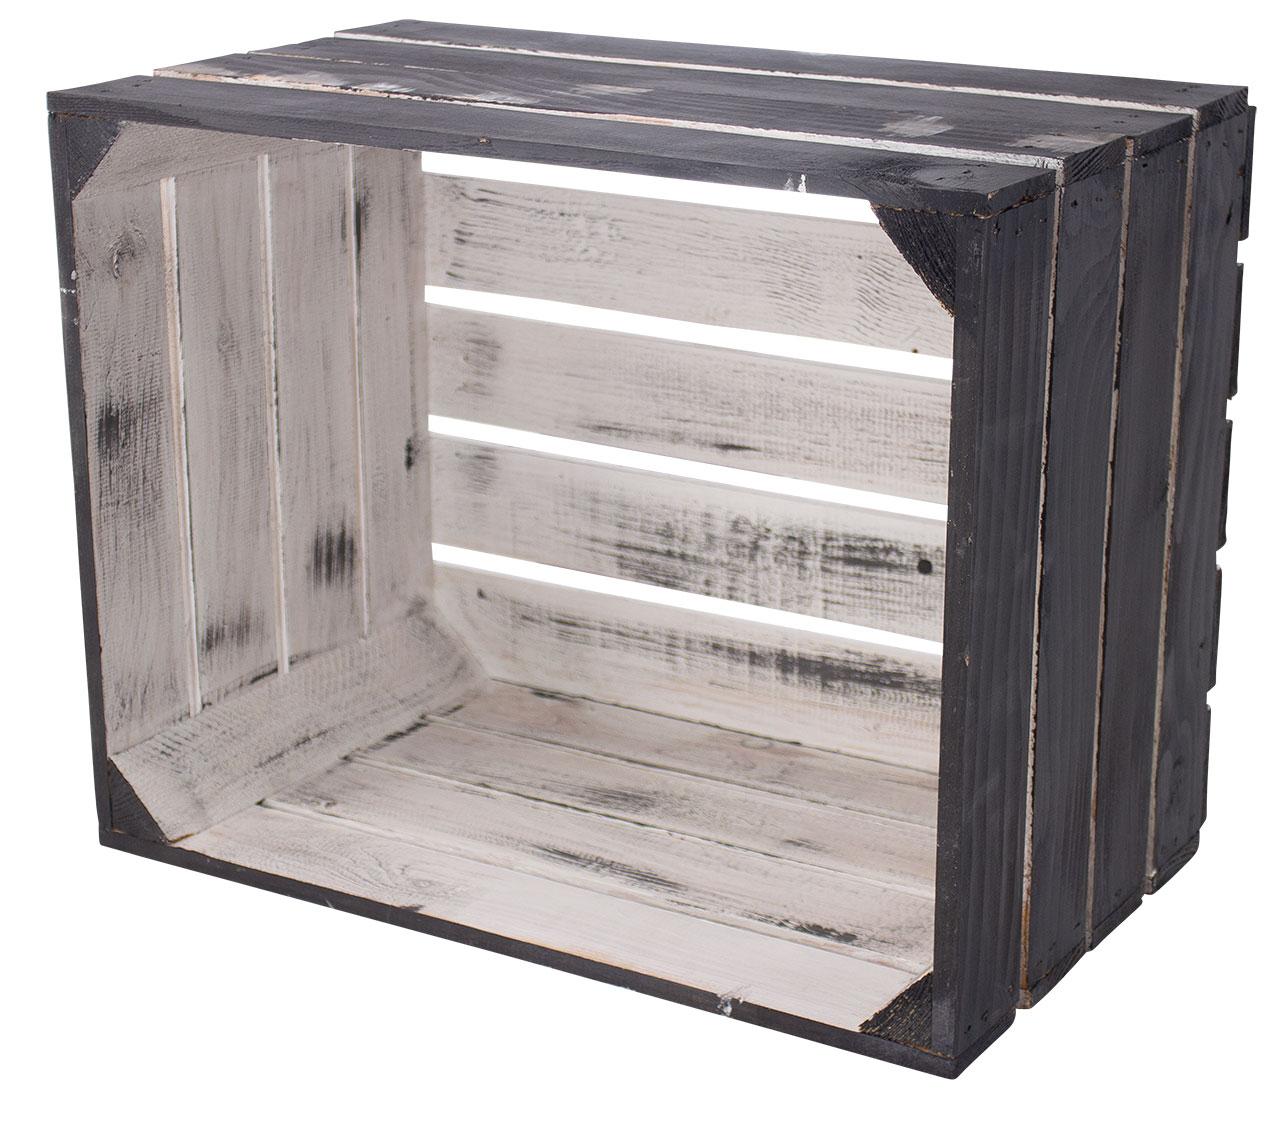 Shabby schwarze Apfelkiste 50x40x30cm